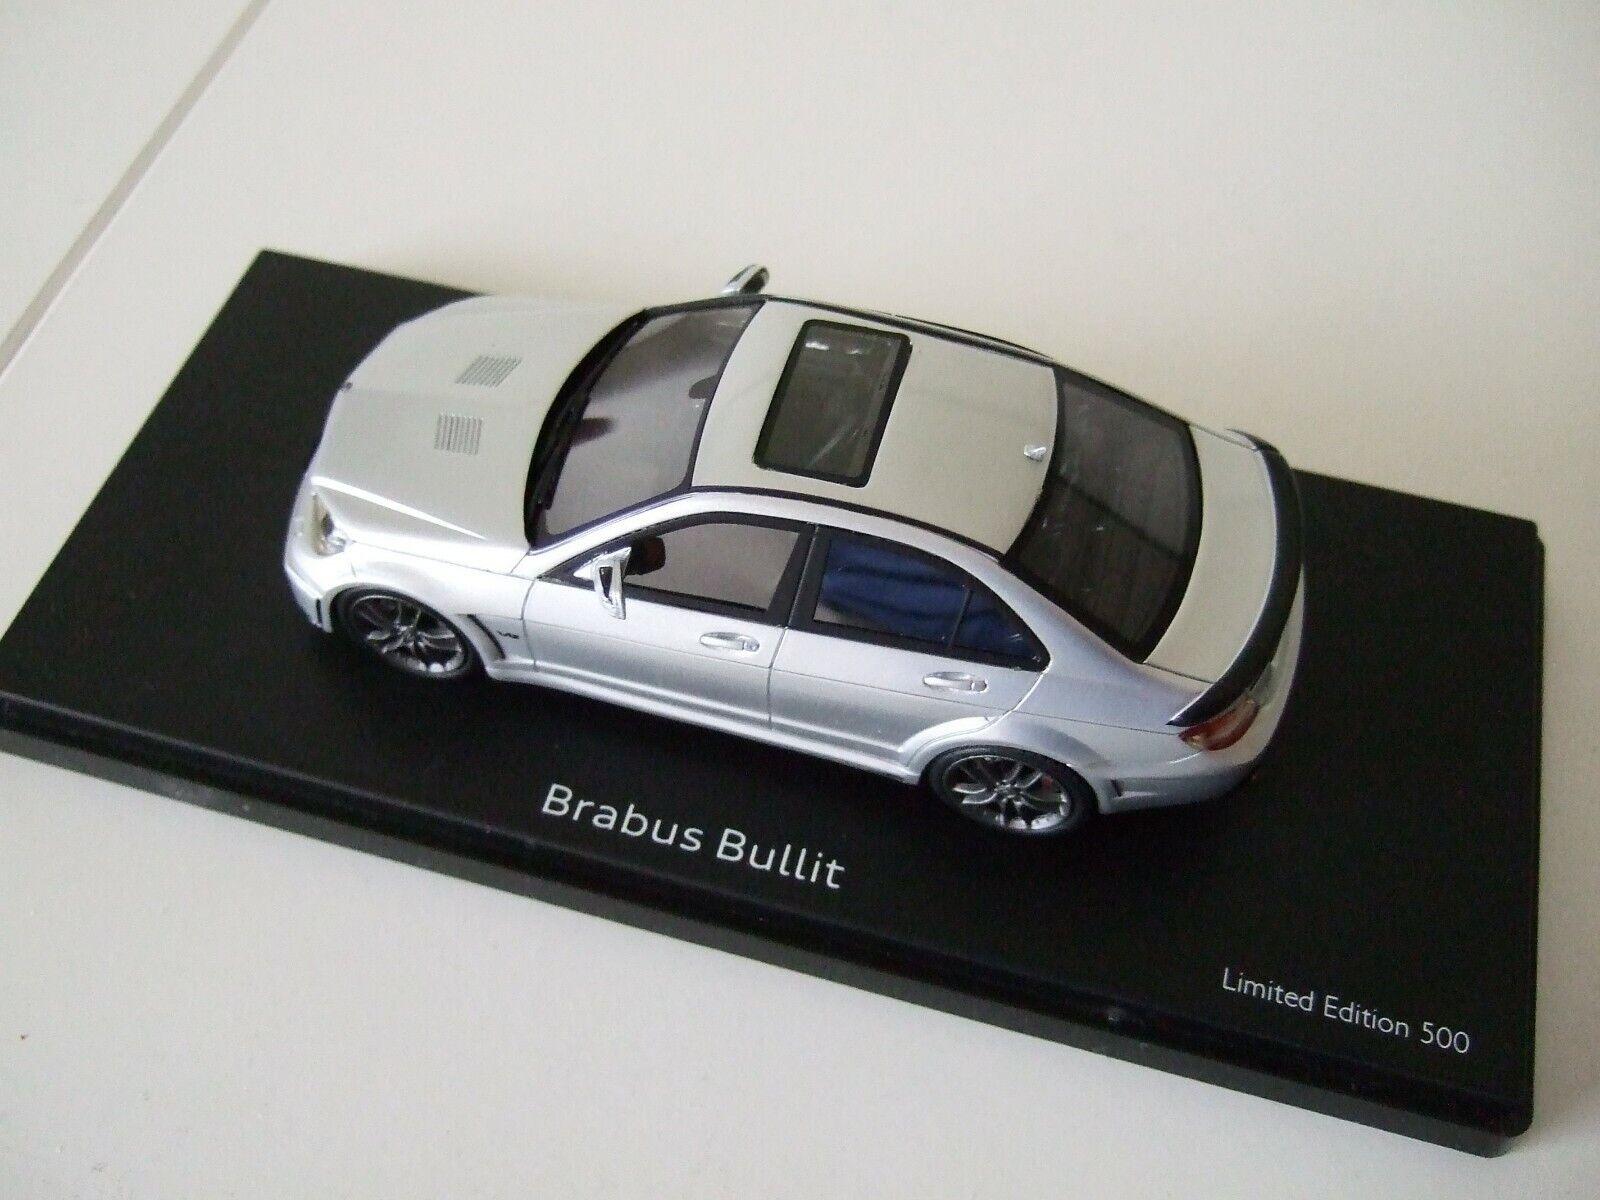 Schuco 1 43 Brabus Bullit NR  450881700, nouveau, Limited Edition 500